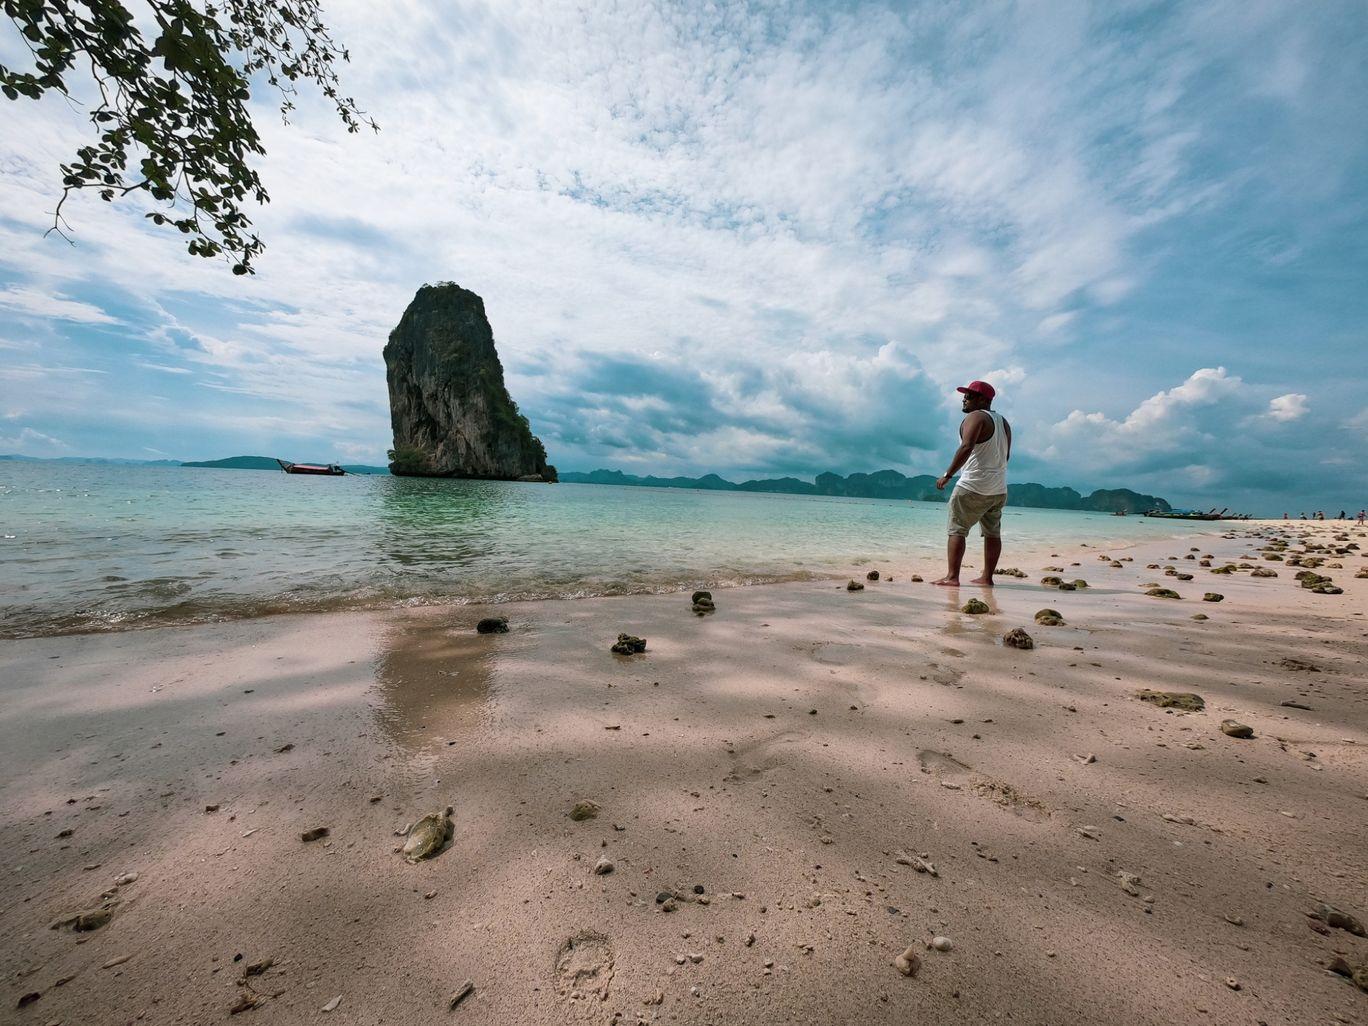 Photo of Phuket By Abhishek Dholke